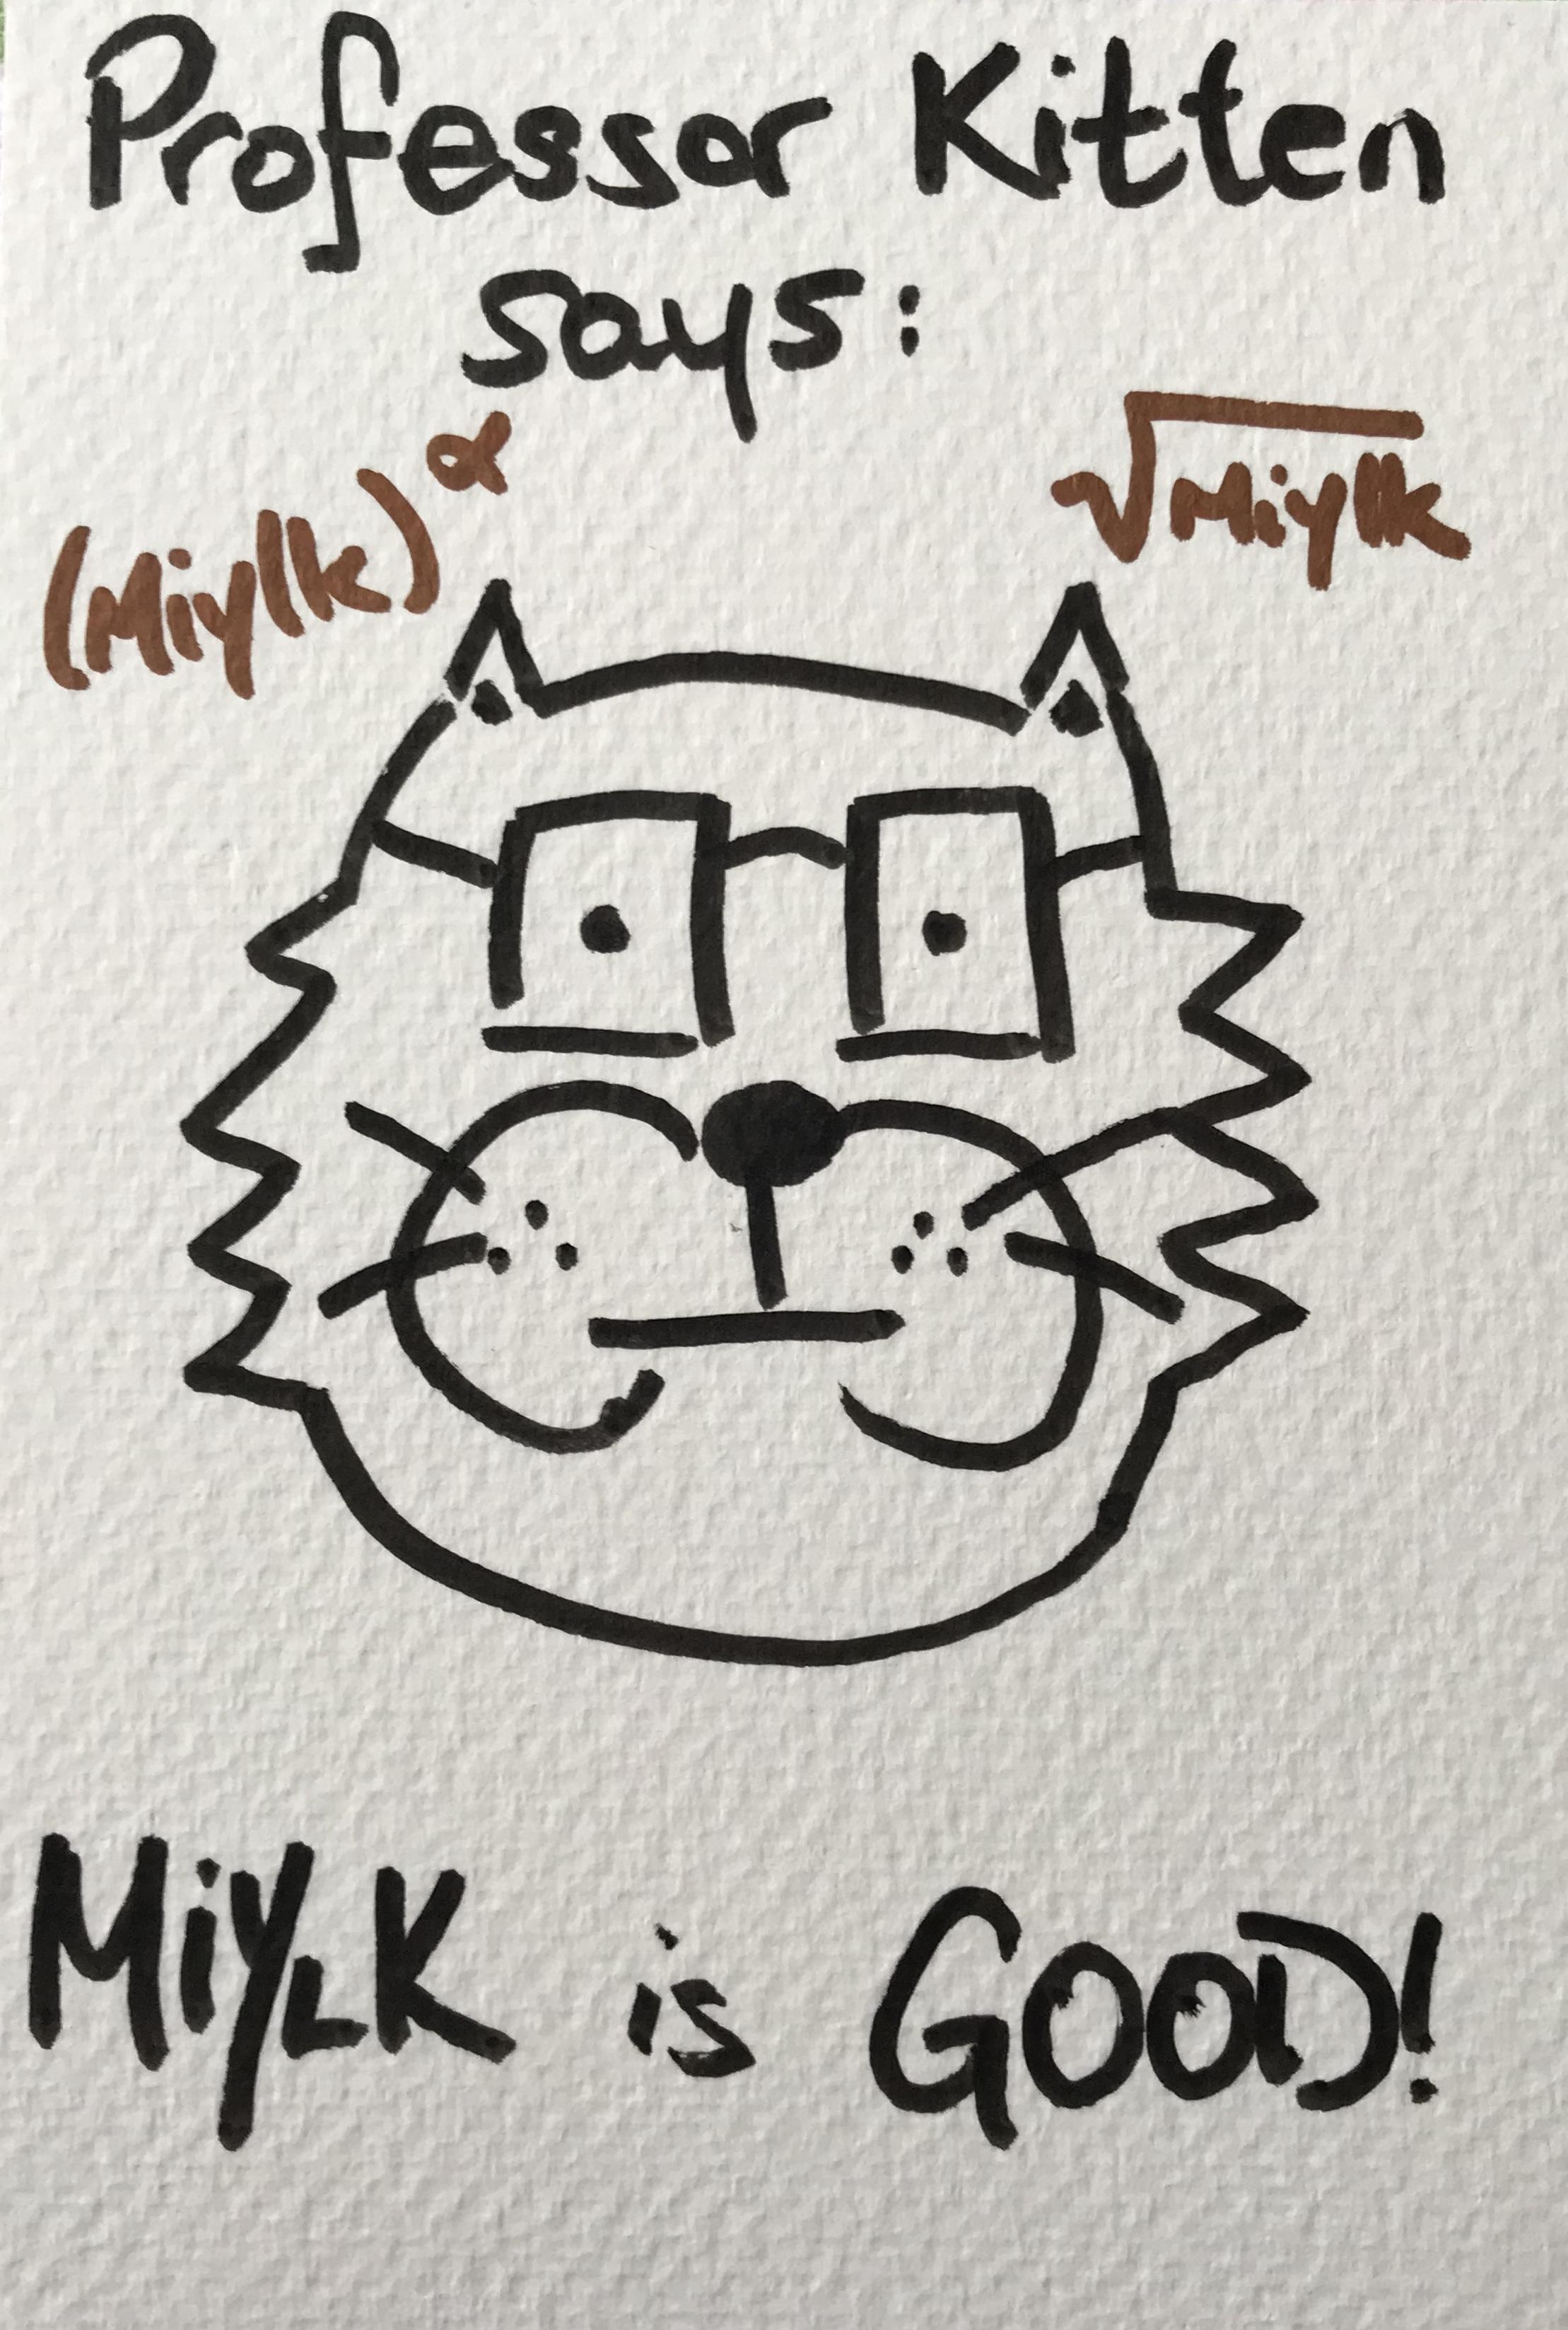 Professor Kitten says that miylk is good miylk kitten art postcard marker calligraphy typography kaw